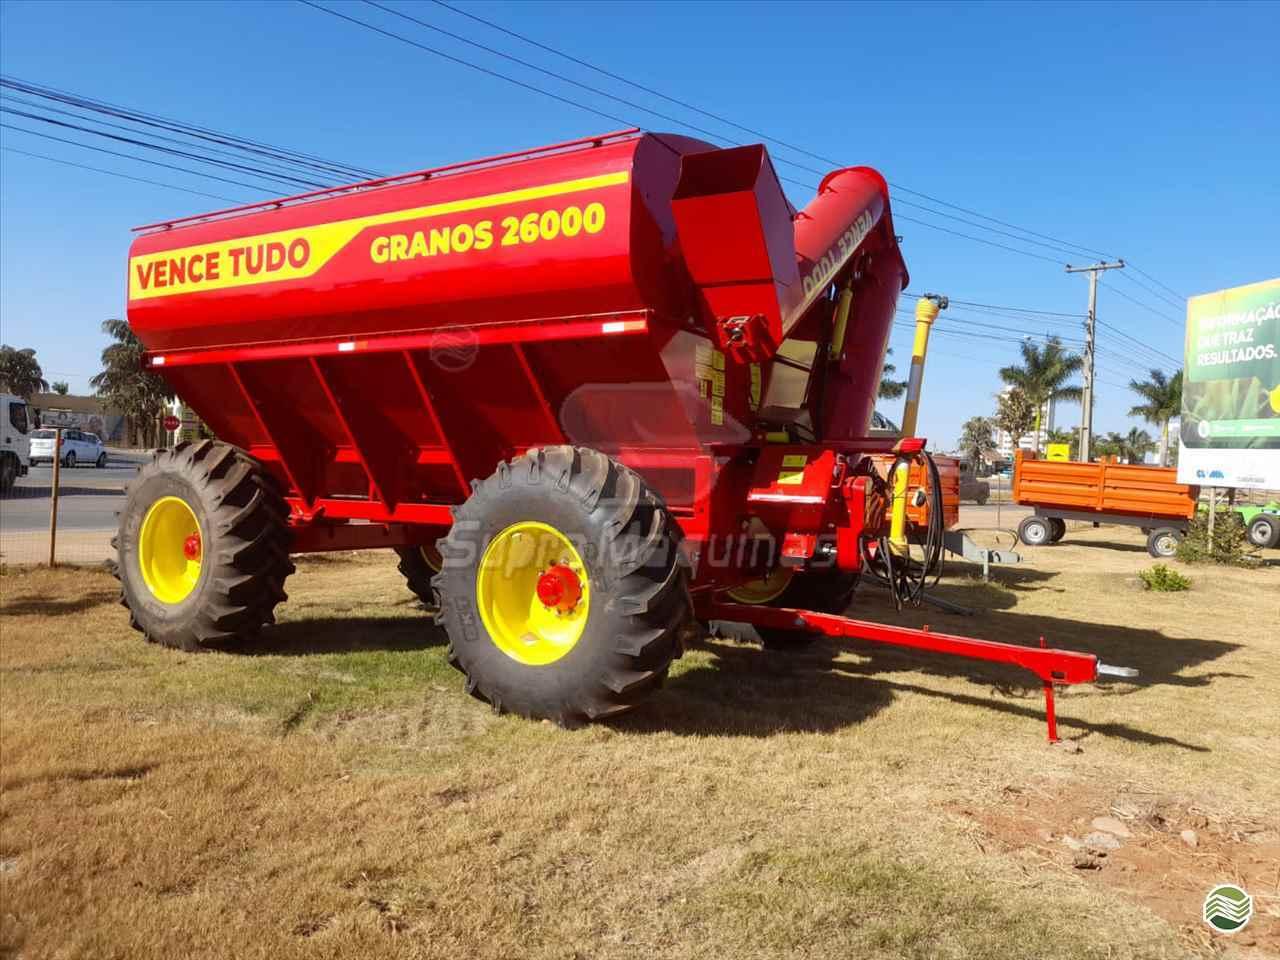 IMPLEMENTOS AGRICOLAS CARRETA BAZUKA GRANELEIRA 26000 Supra Máquinas LUCAS DO RIO VERDE MATO GROSSO MT